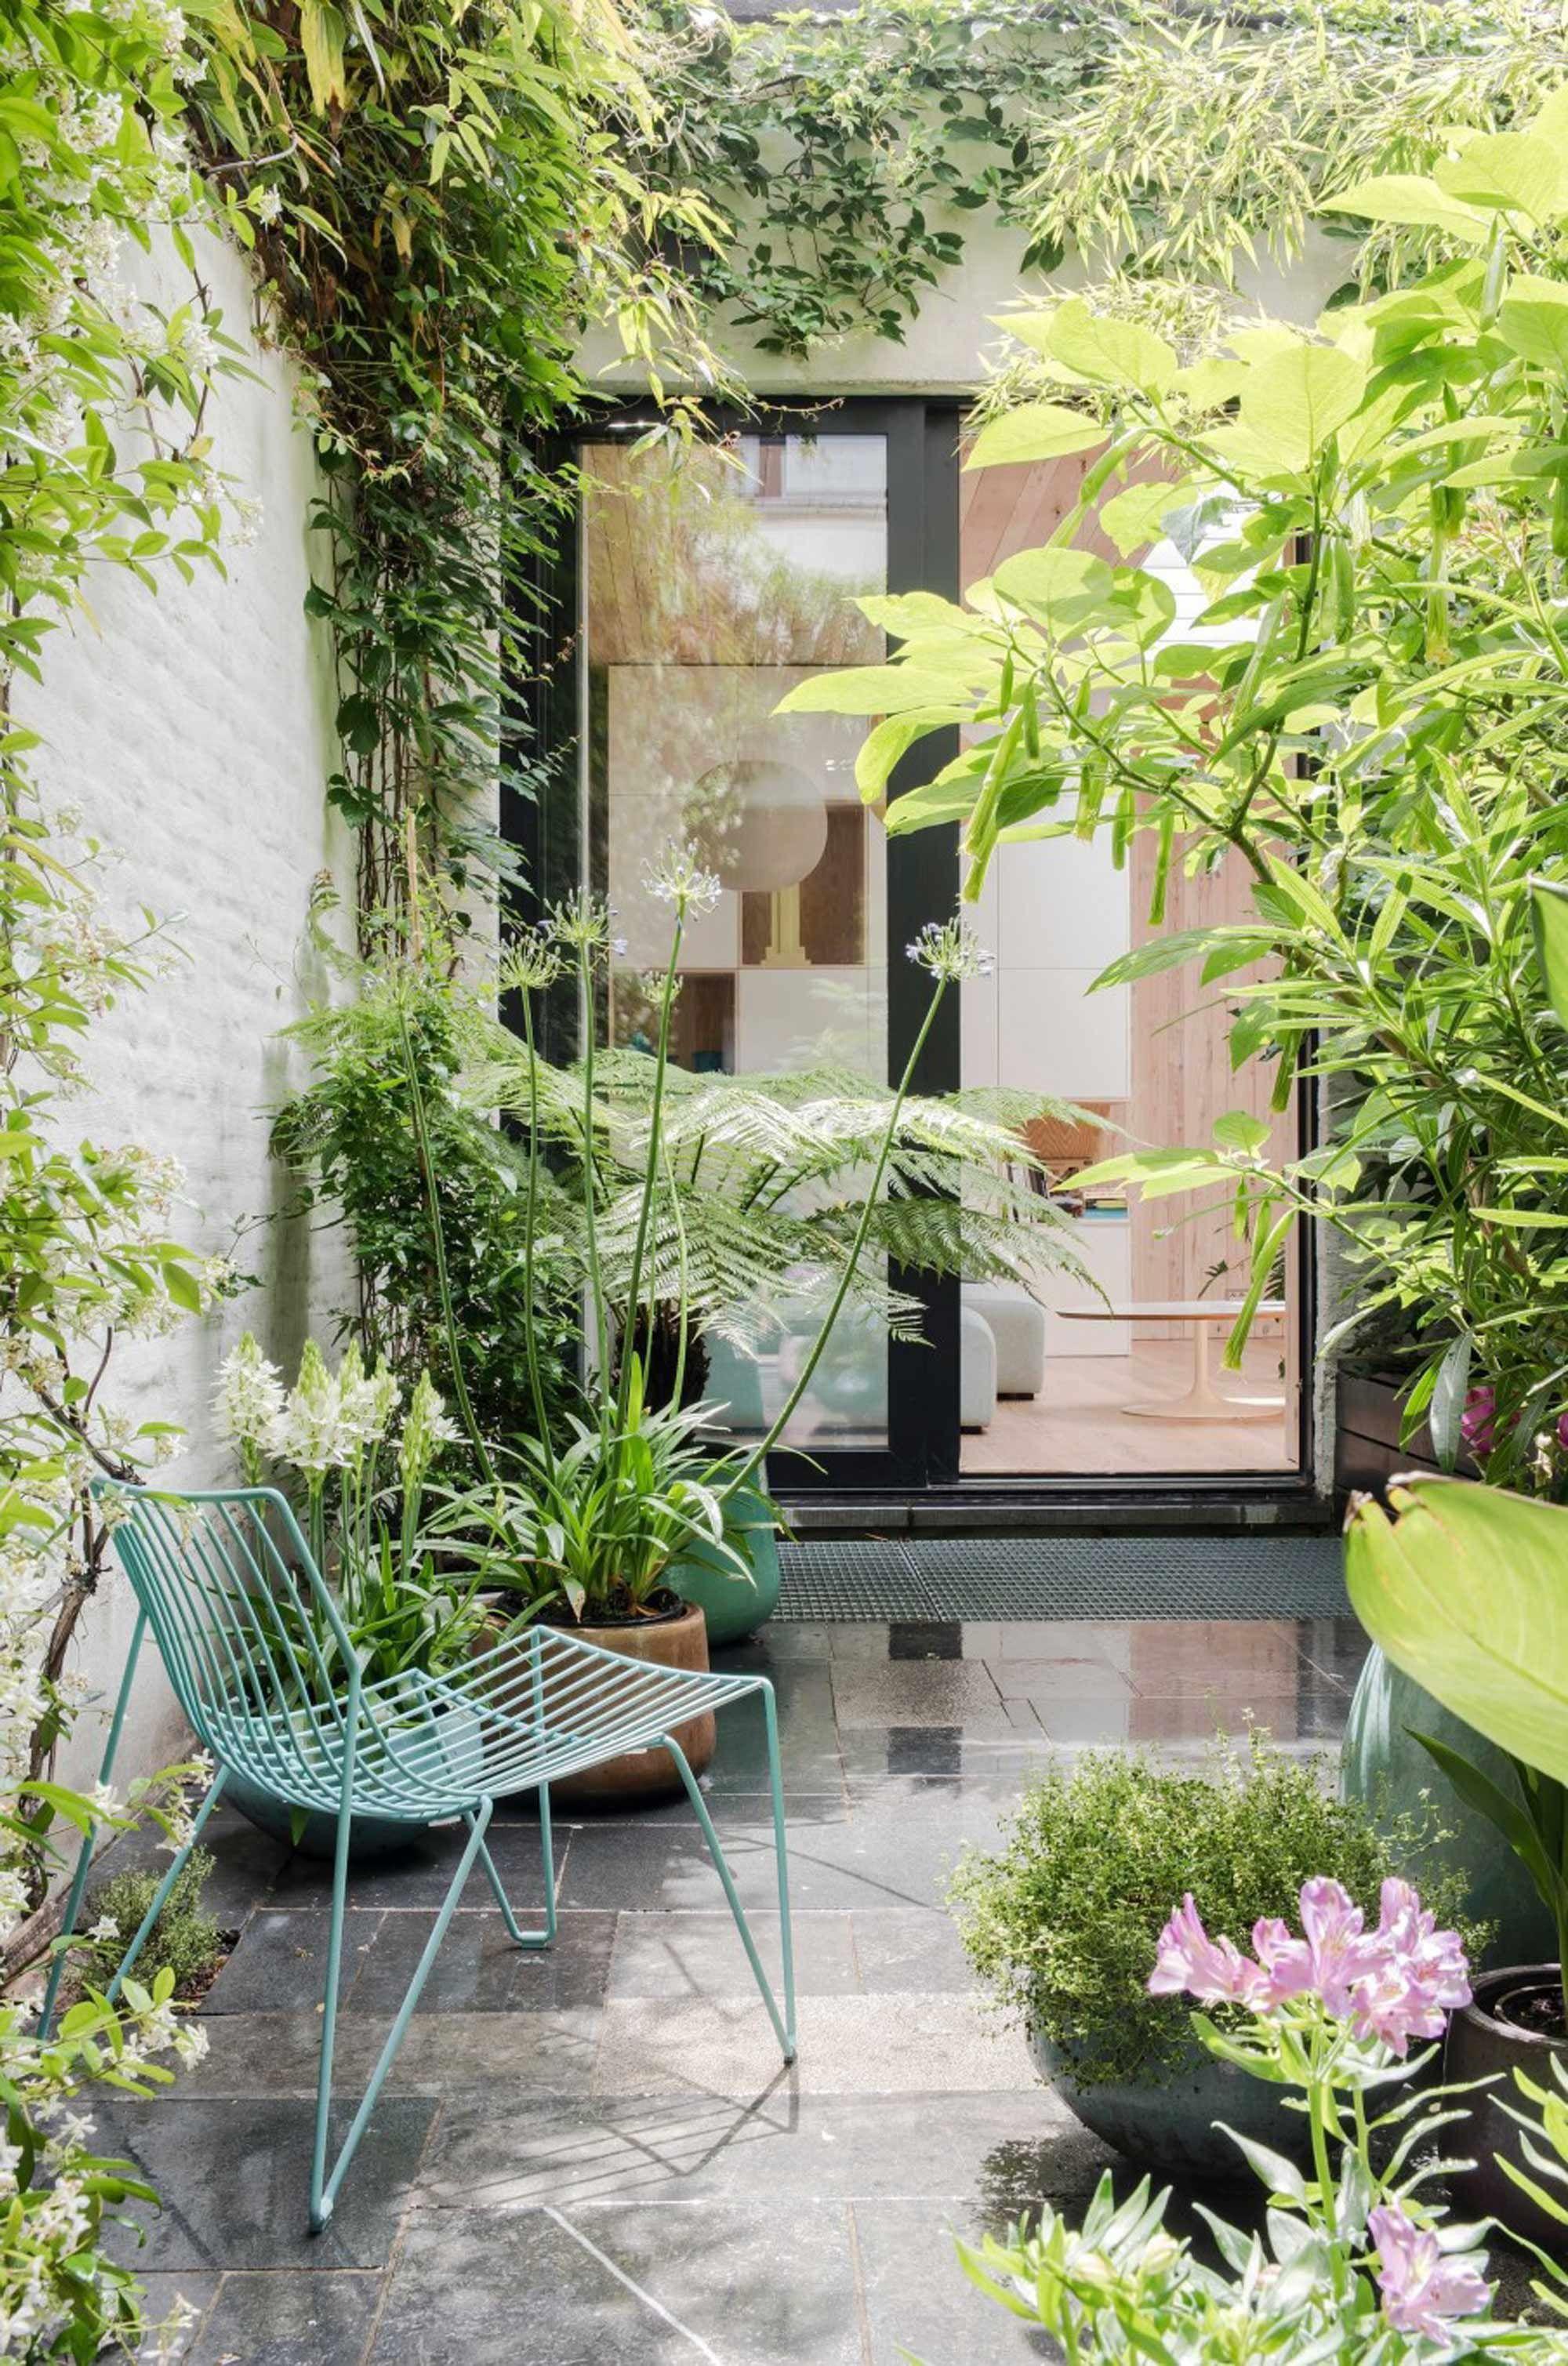 Kleine tuin binnenplaats klimop begroeiing planten for Kleine stadstuin ideeen